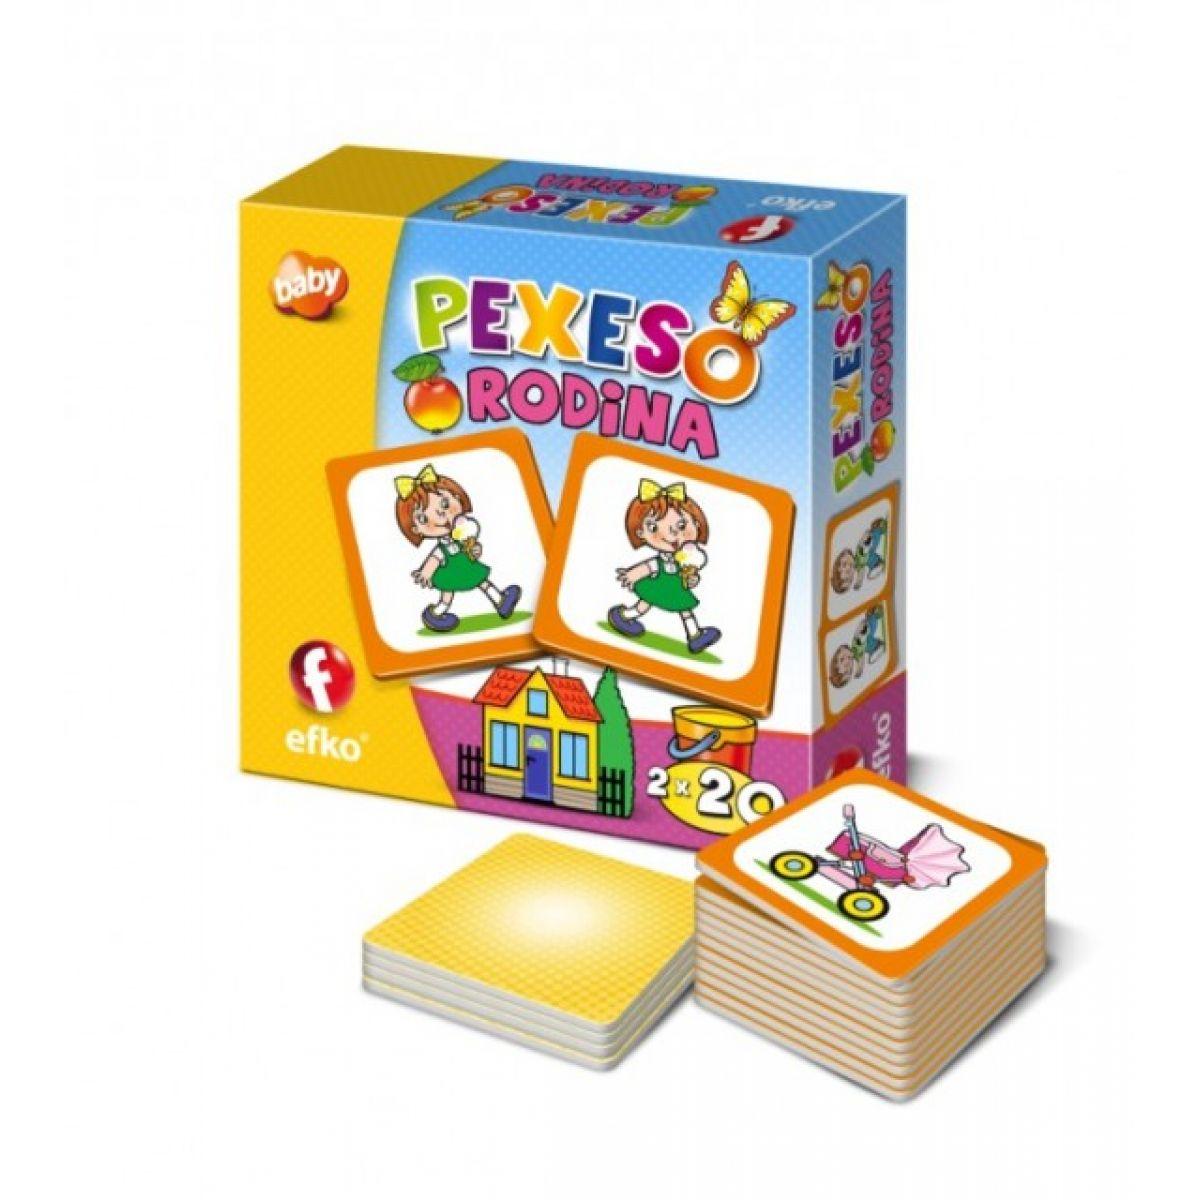 EFKO 54678 - Pexeso RODINA BABY